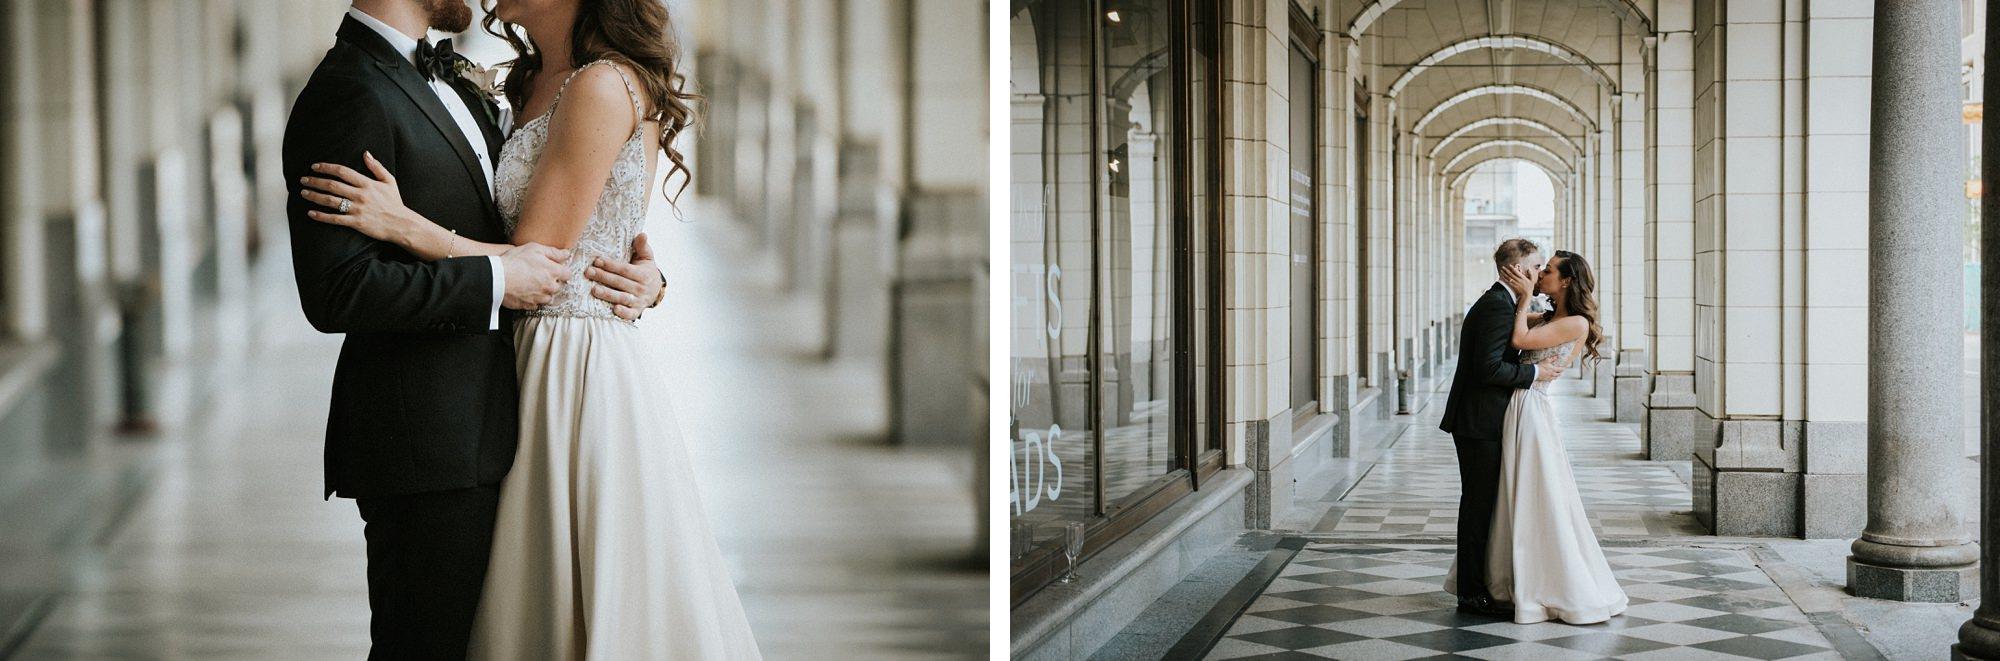 stylish bride and groom during bridal portraits at hudson bay arches at hudson calgary wedding